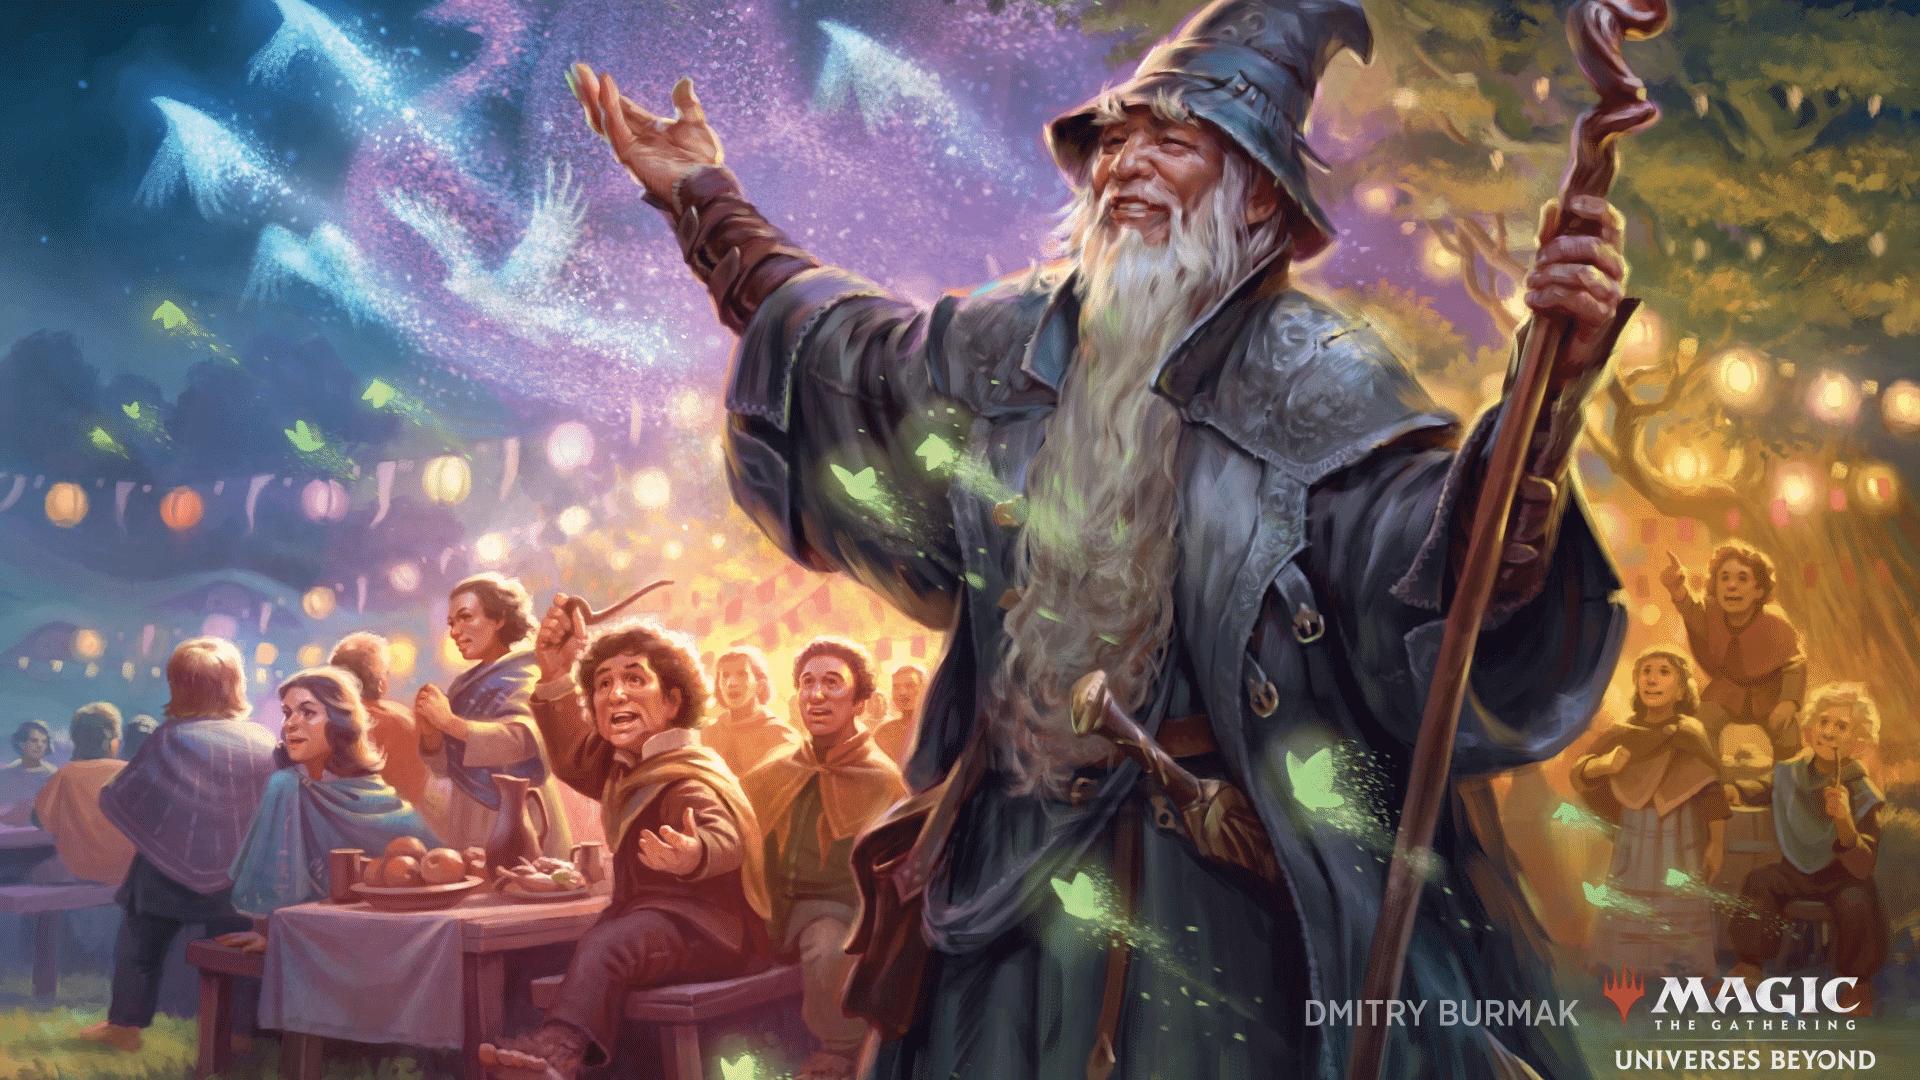 Magic: The Gathering terá crossover com O Senhor dos Anéis, Street Fighter e mais